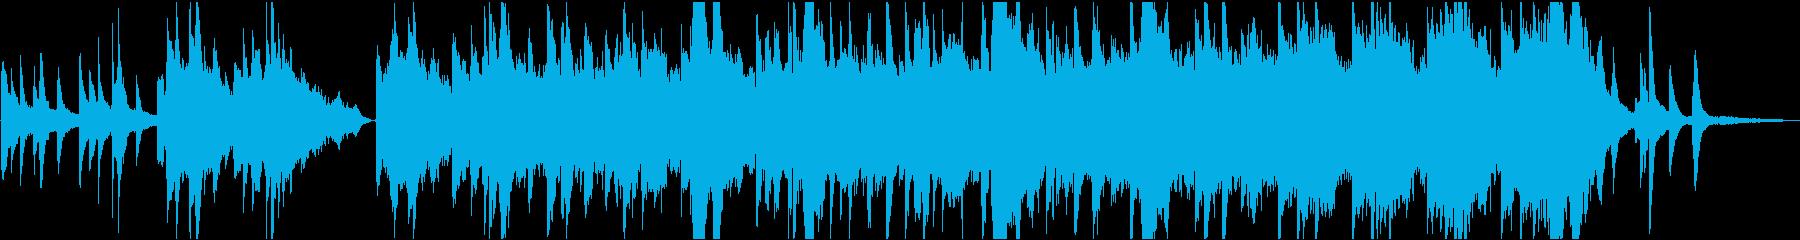 企業VP7 16bit48kHzVerの再生済みの波形